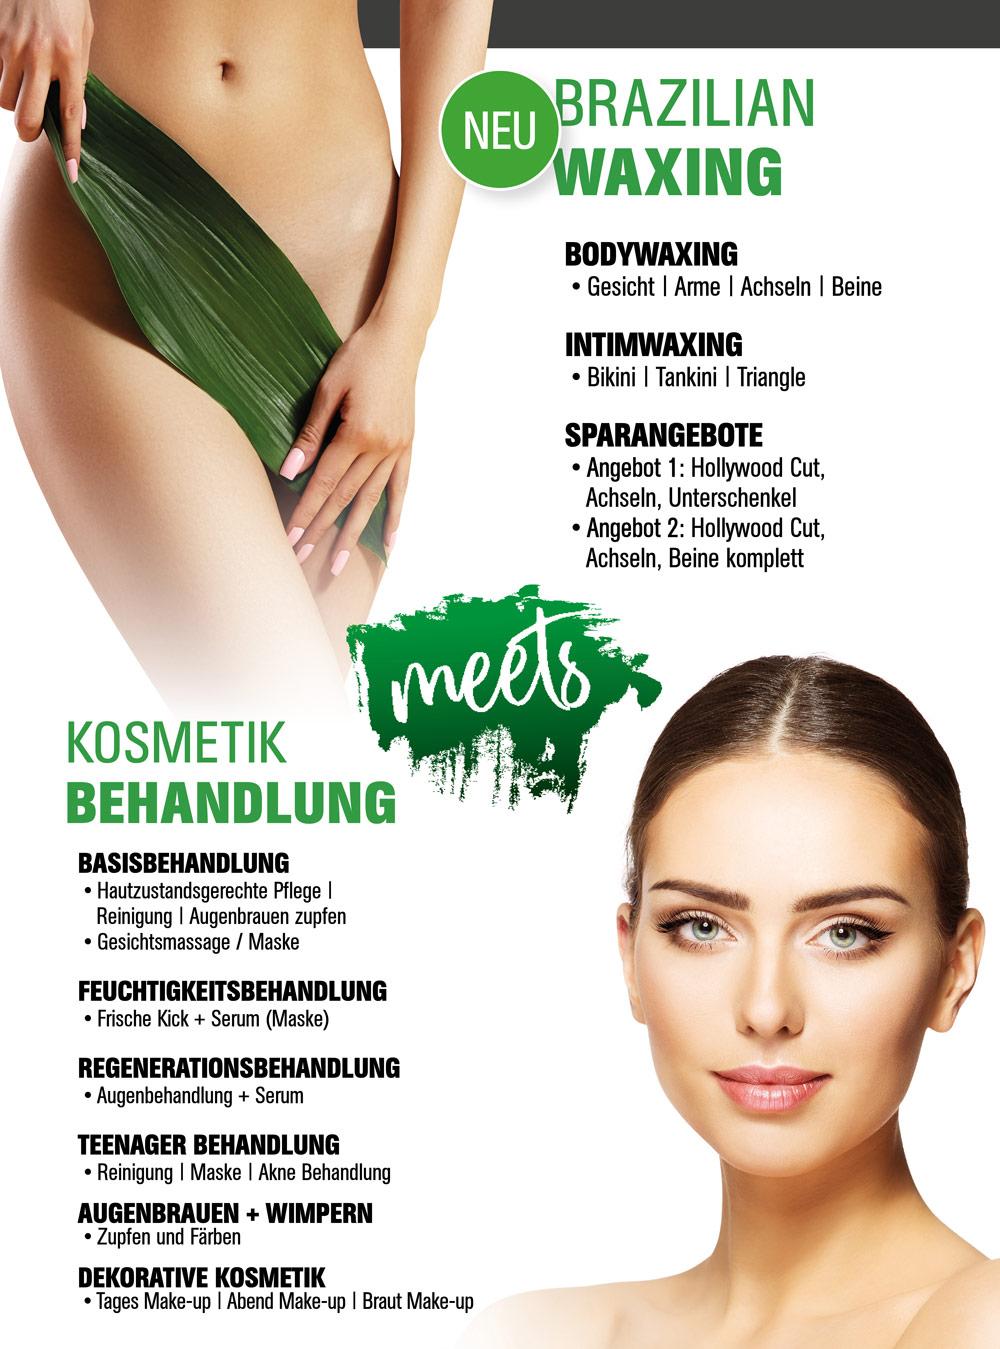 Kosmetikstudio und Brazilian Waxing in Senftenberg